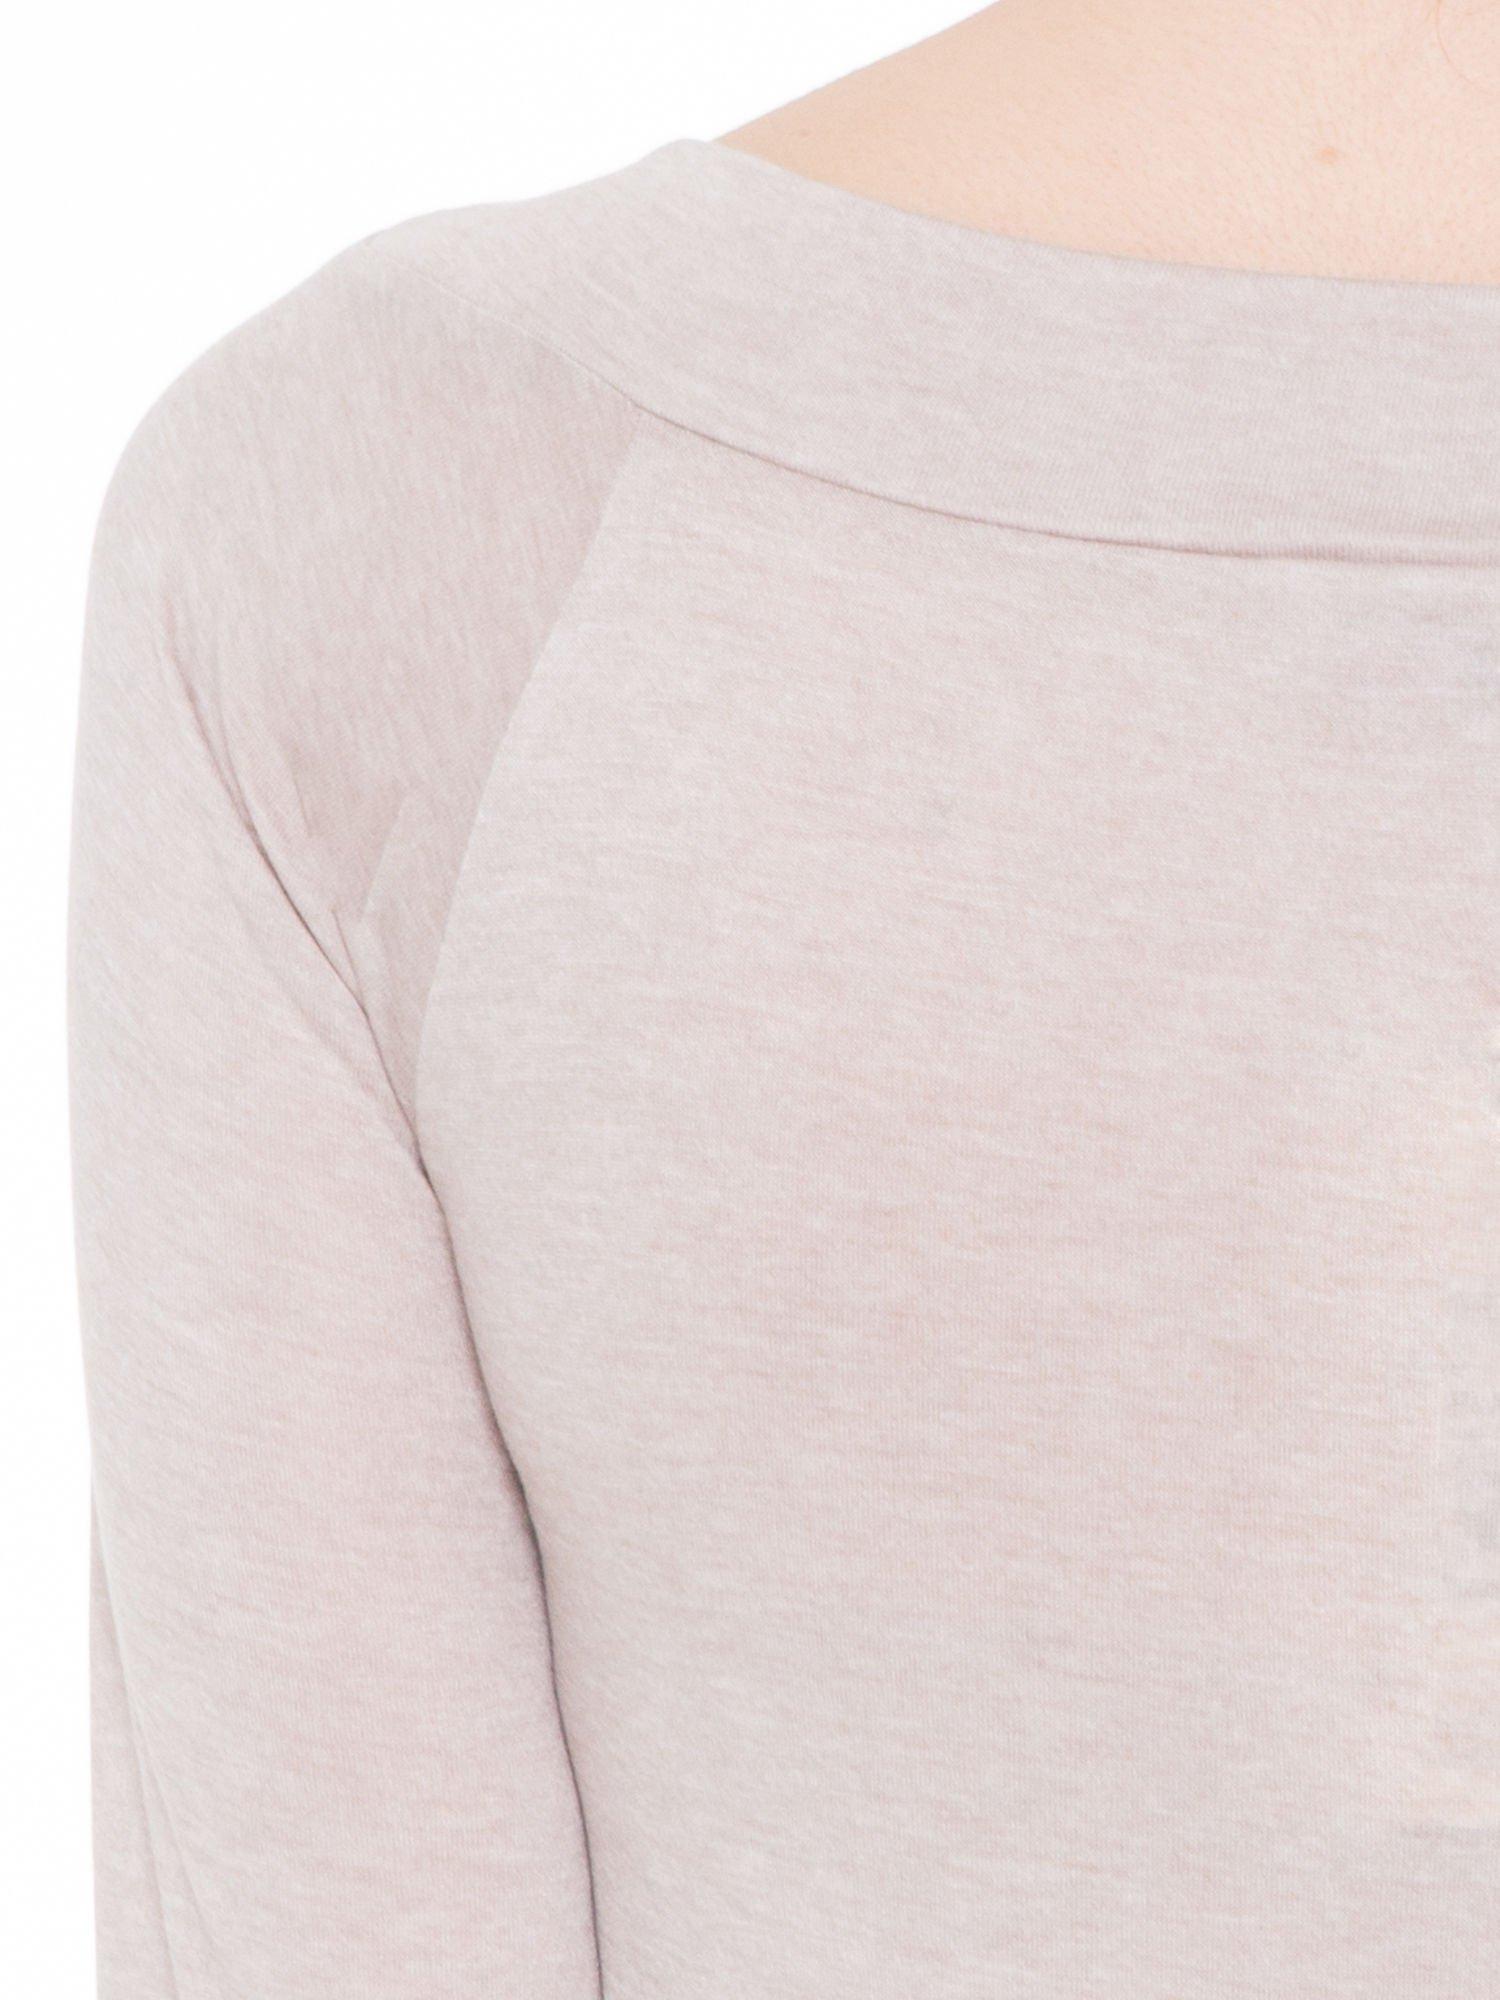 Beżowa gładka bluzka z reglanowymi rękawami                                  zdj.                                  7